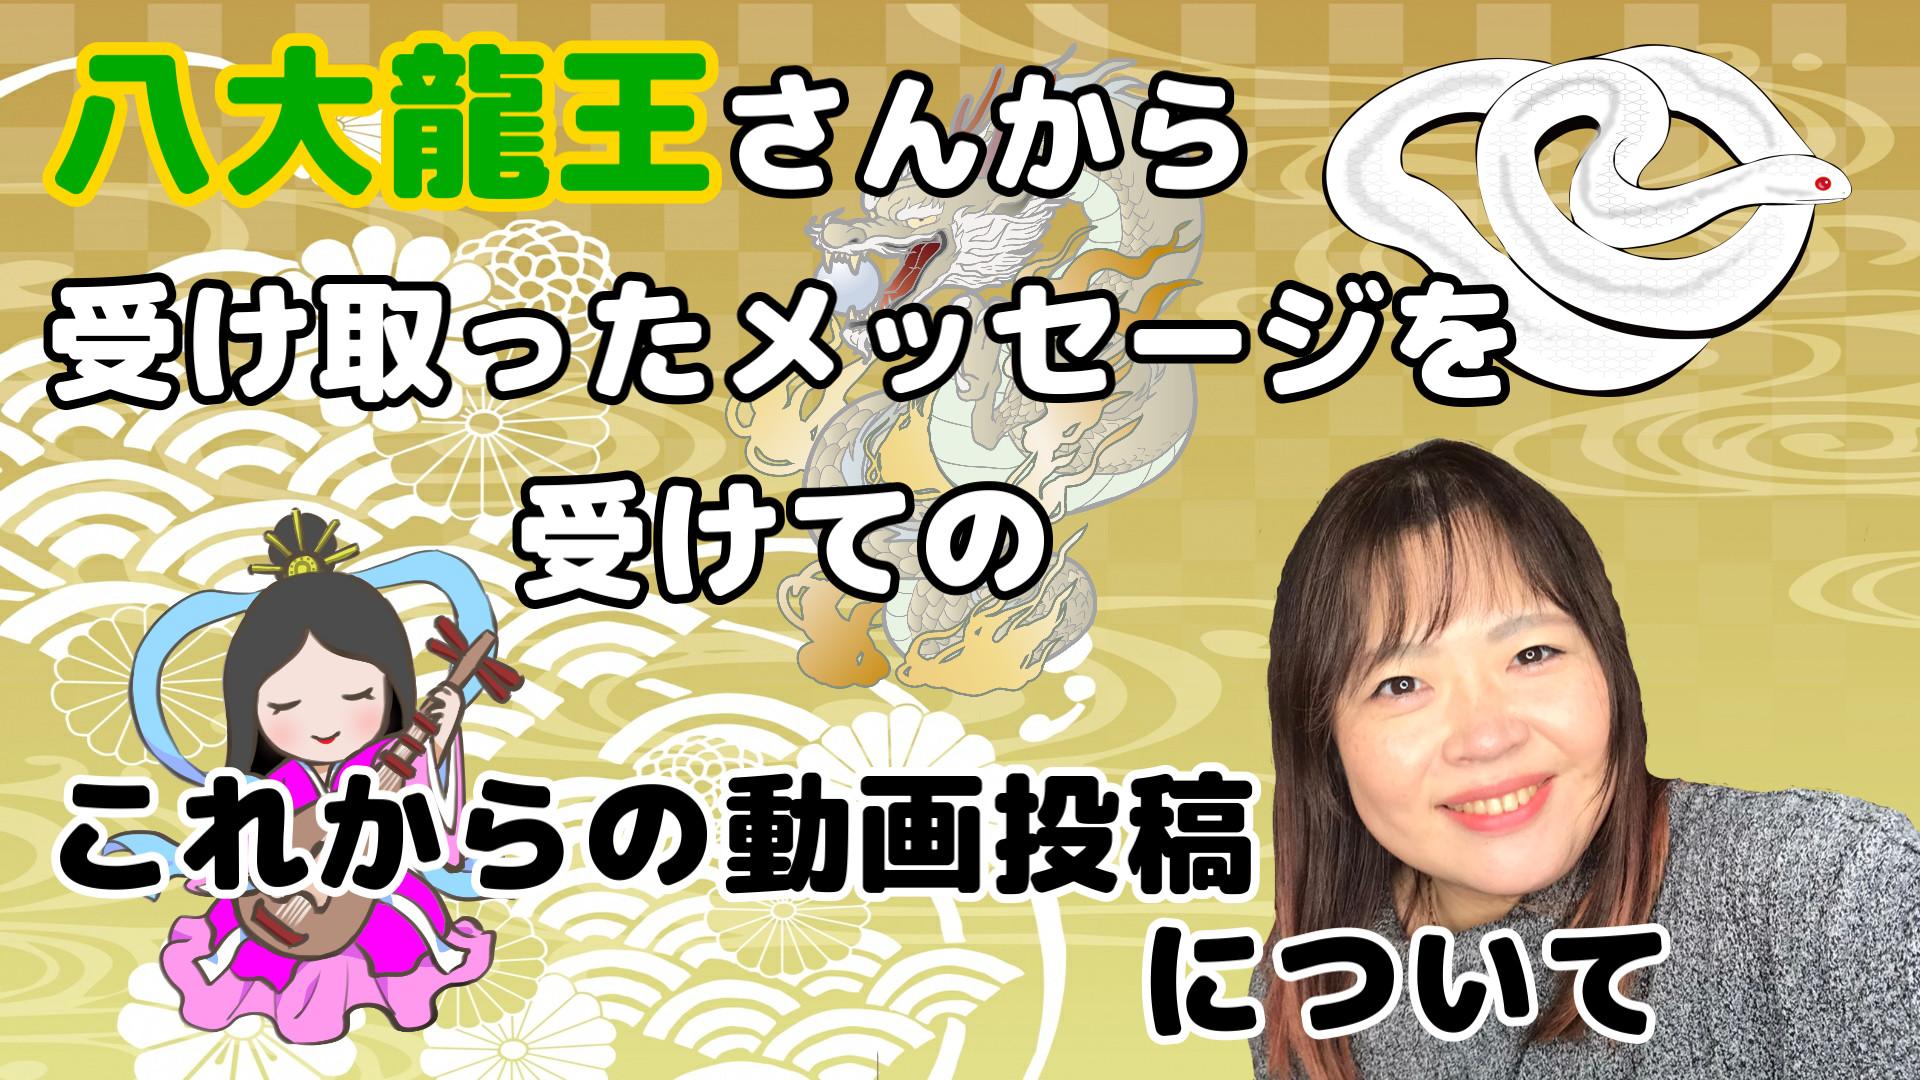 八大龍王さんからメッセージを受けてのこれからの動画投稿について